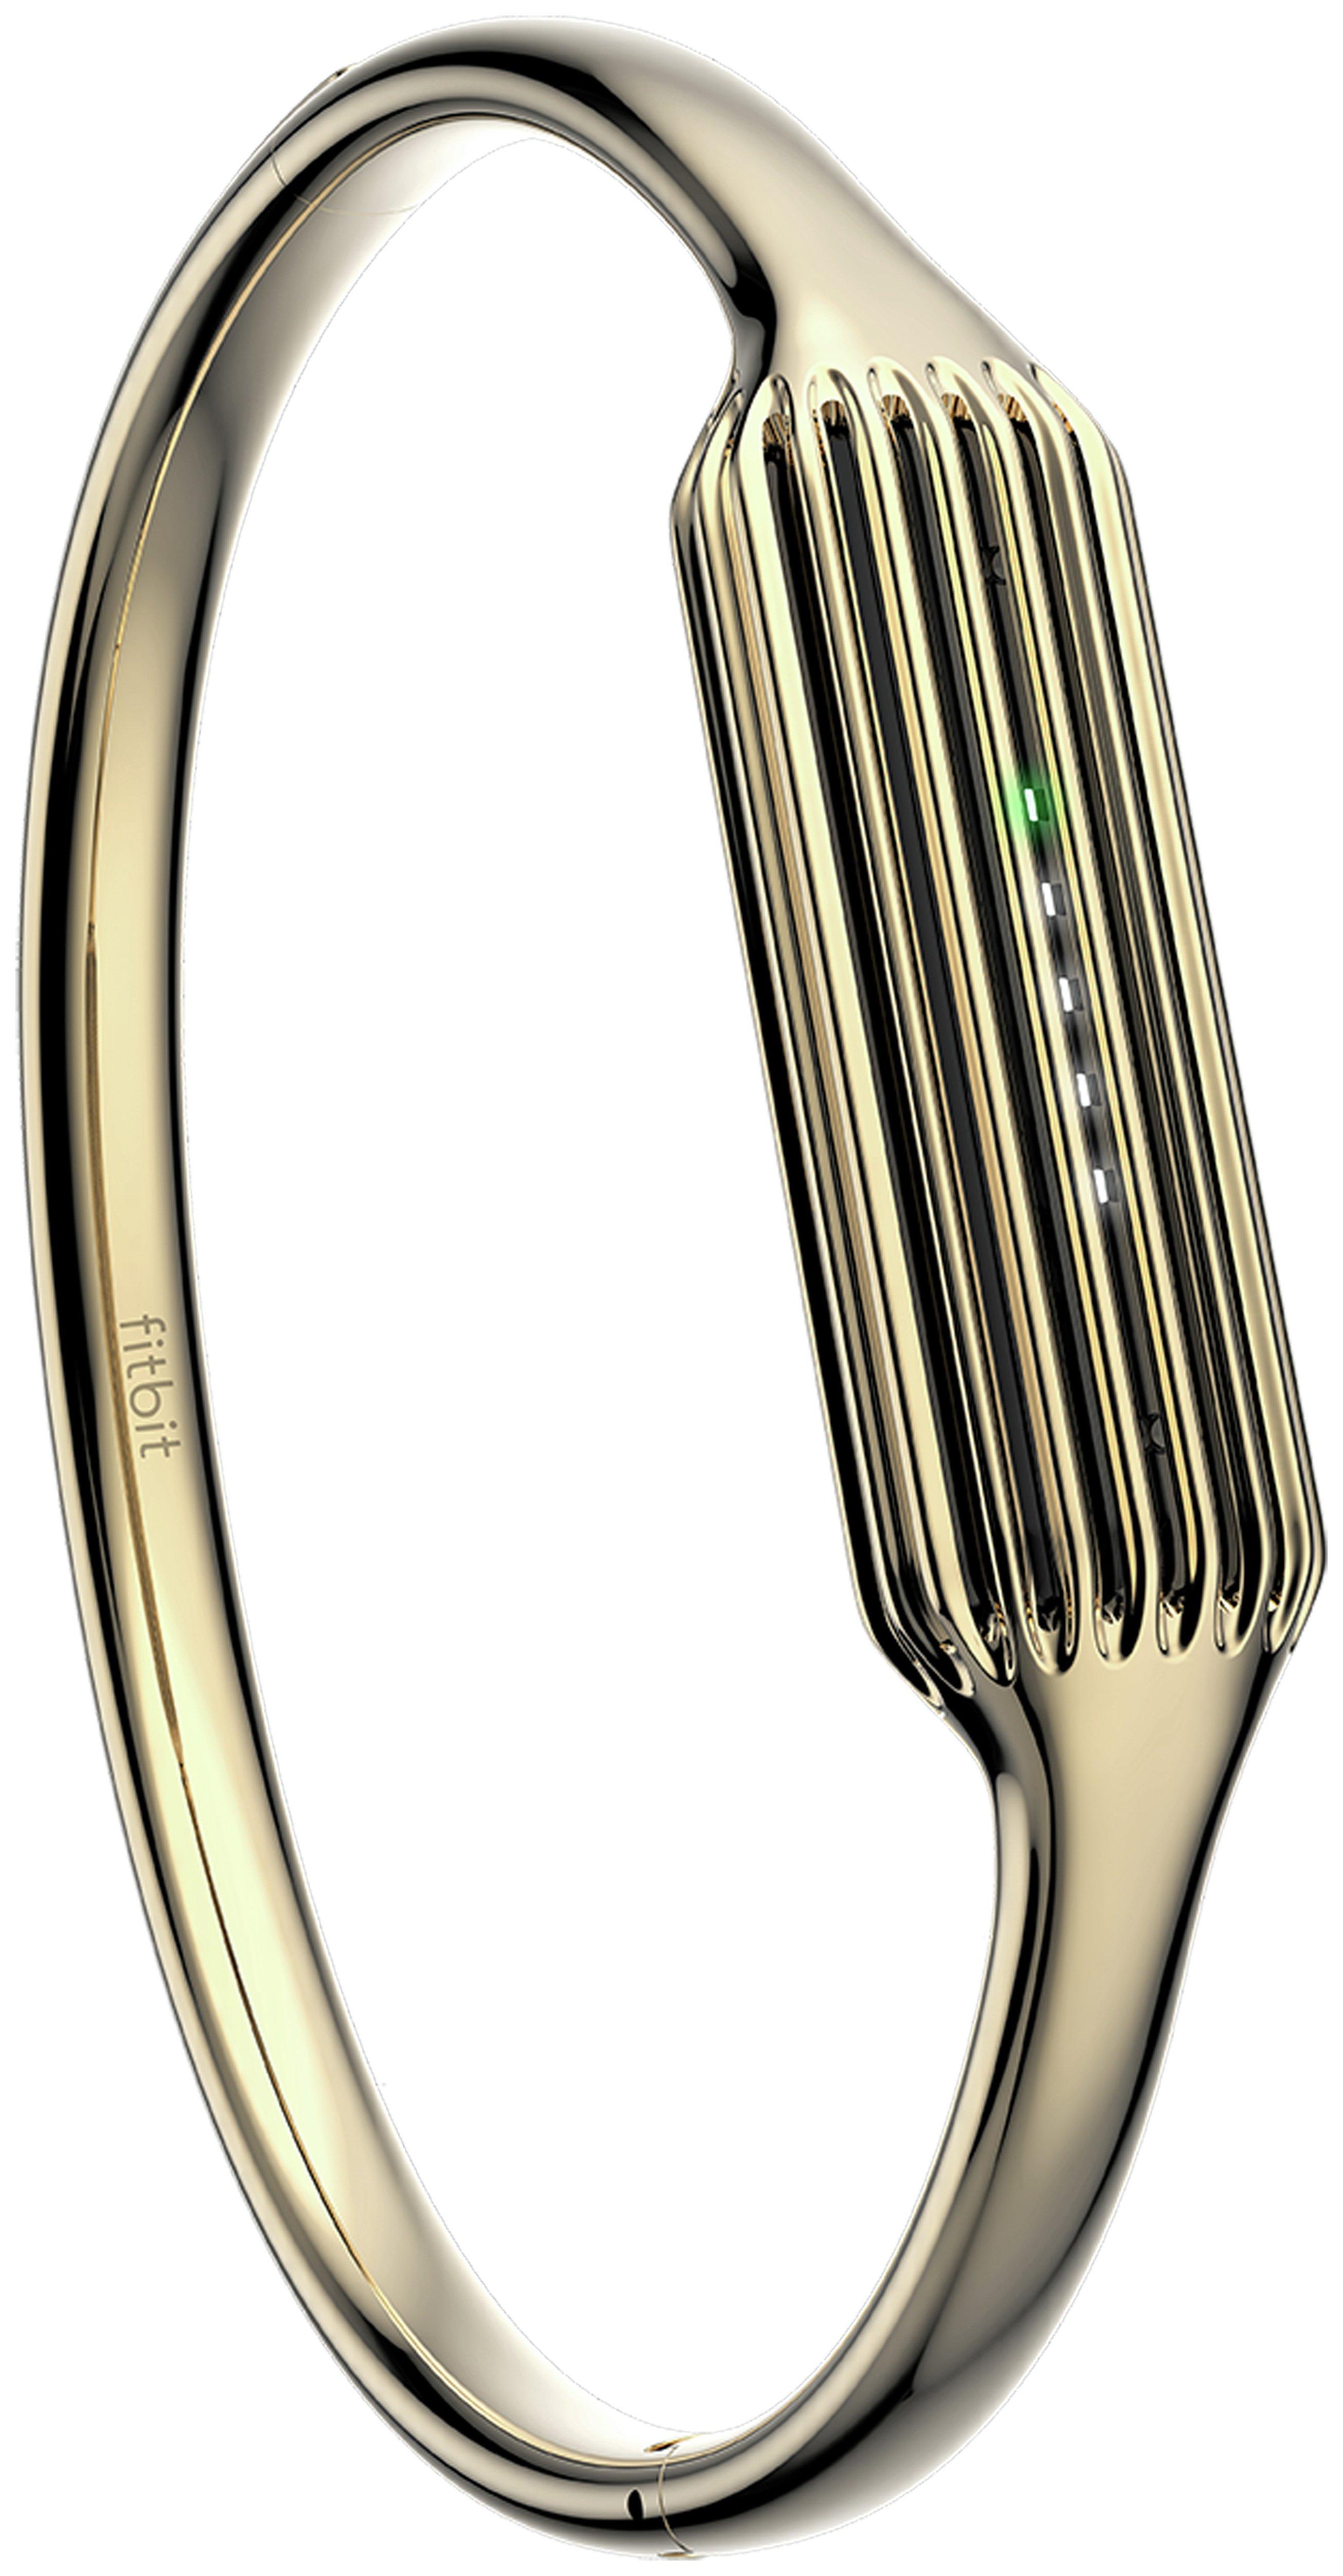 fitbit-flex-small-gold-accessory-bangle